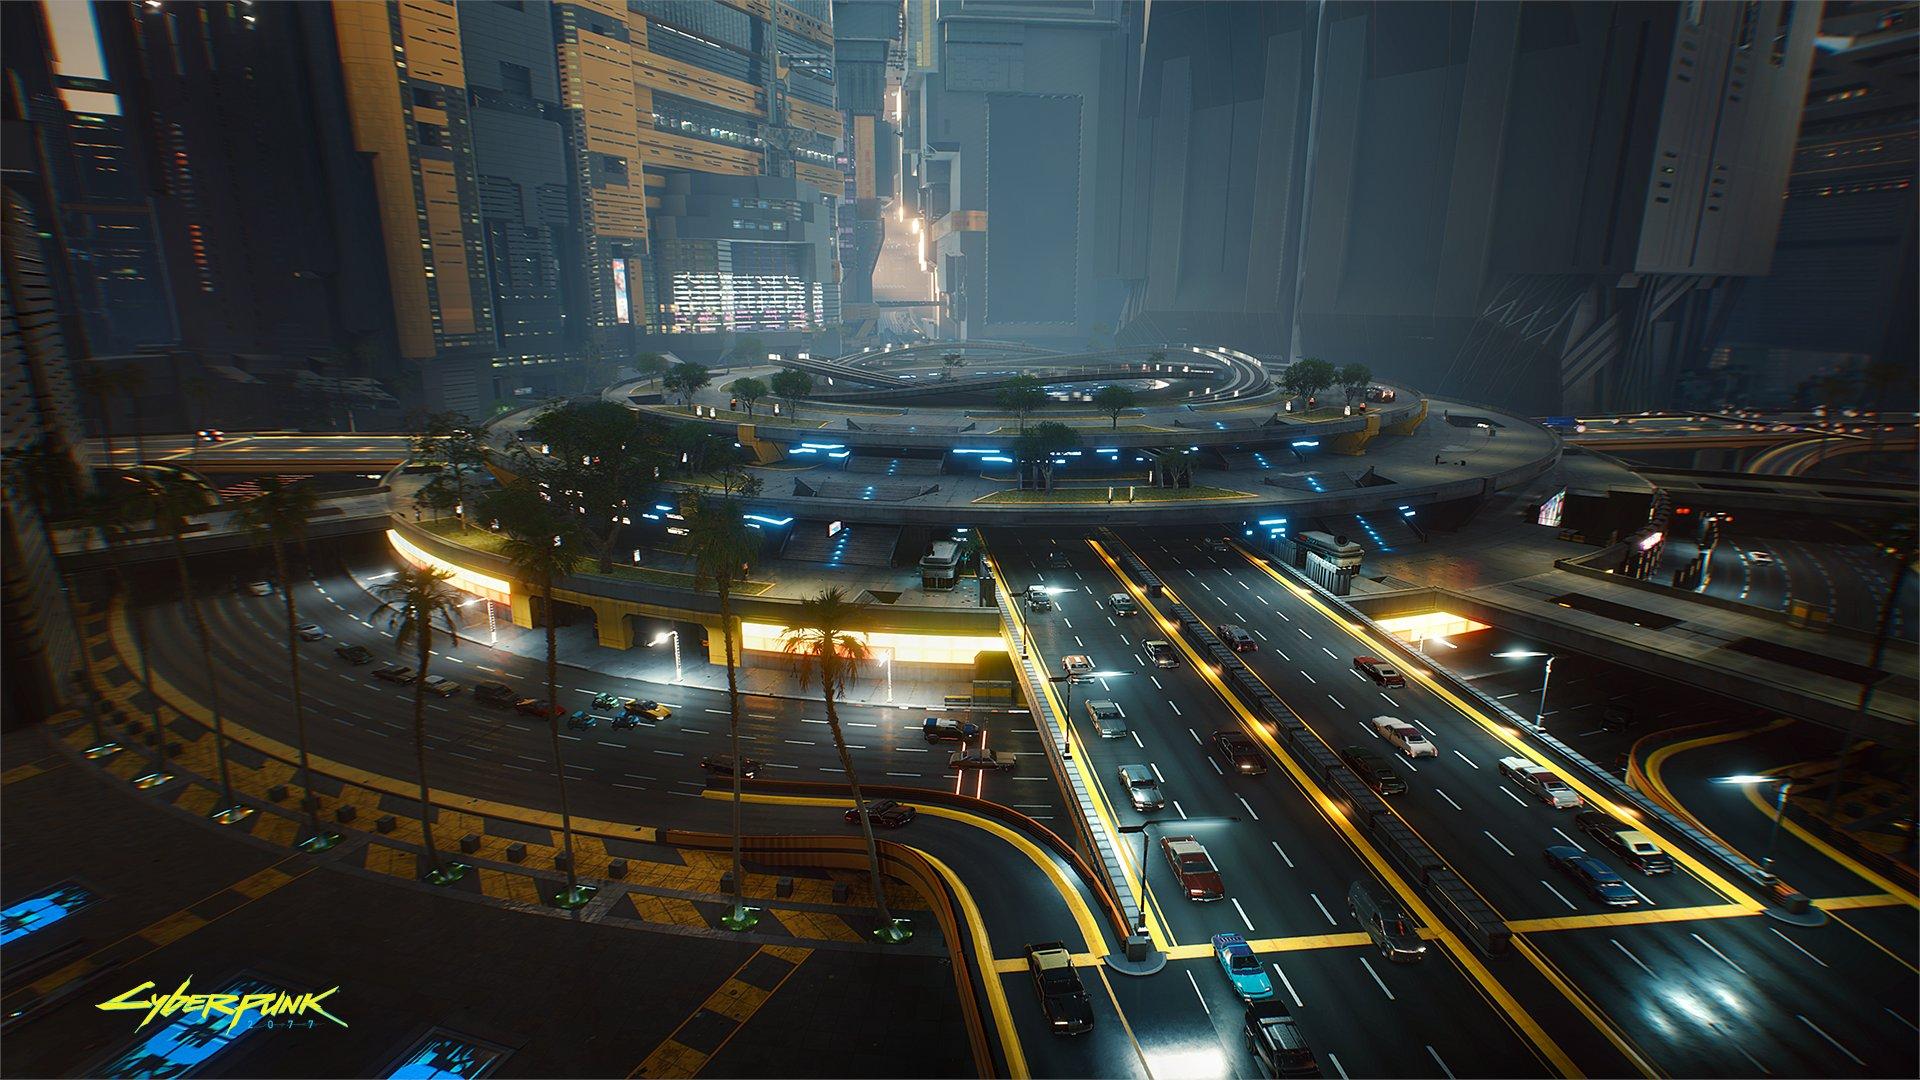 Preview Cyberpunk 2077 EirAUBBXkAgPkKX